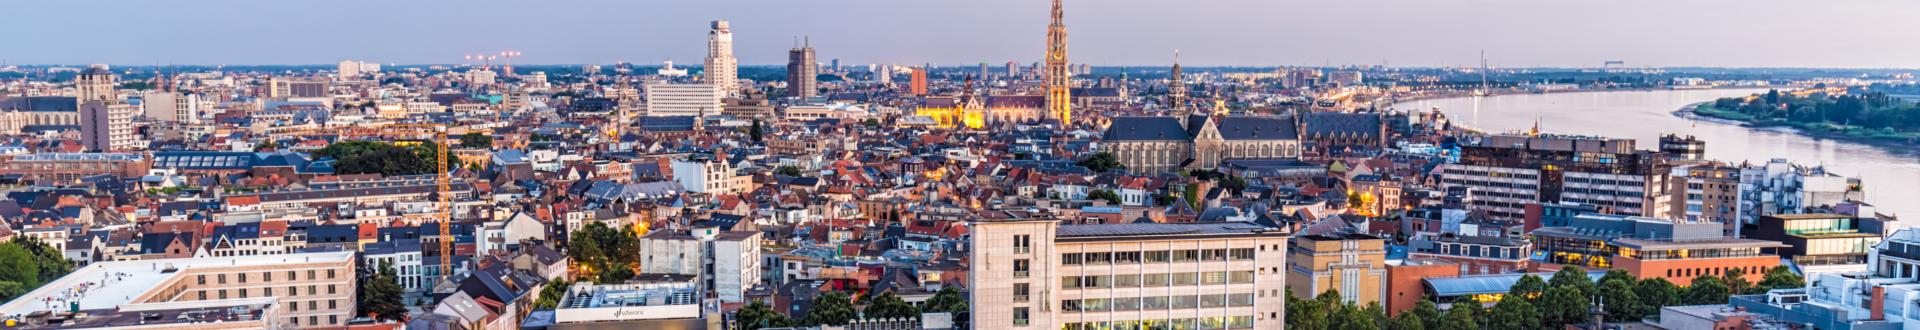 Politie Antwerpen Het Nieuwe Werken, Yolk